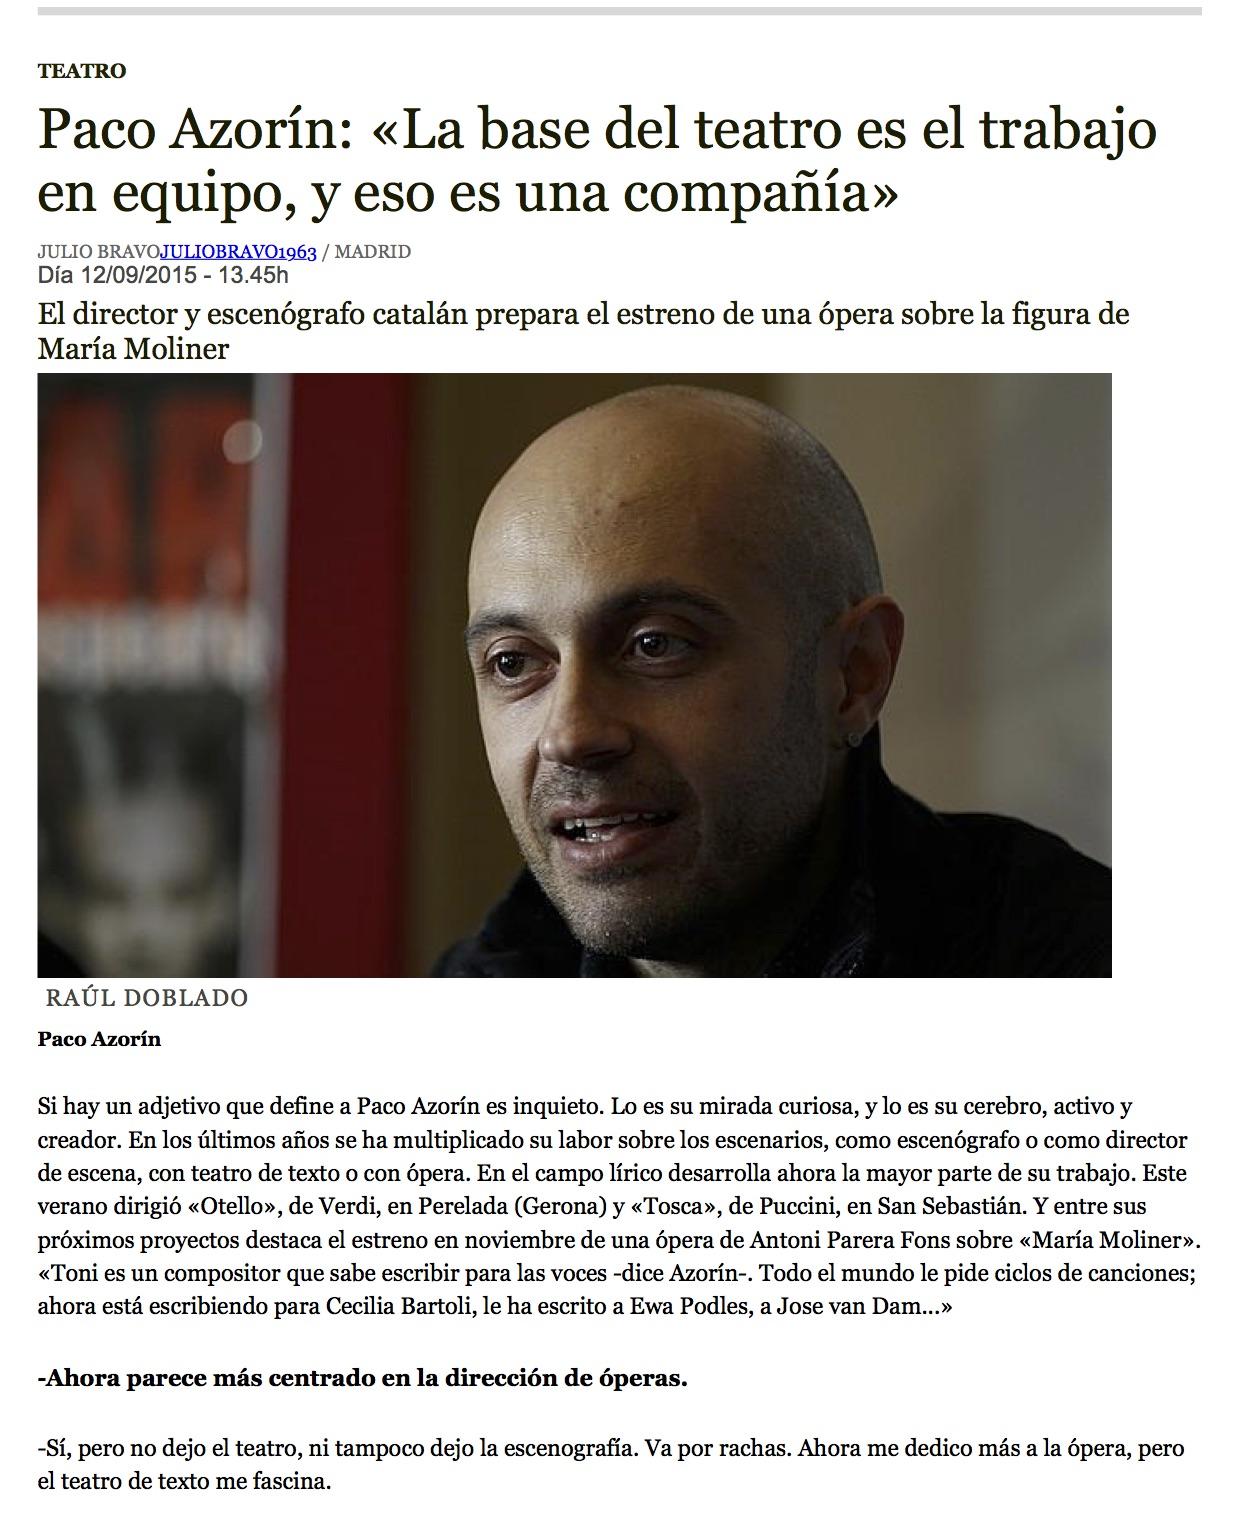 Paco-Azorín-La-base-del-teatro-es-el-trabajo-en-equipo-ABC-es